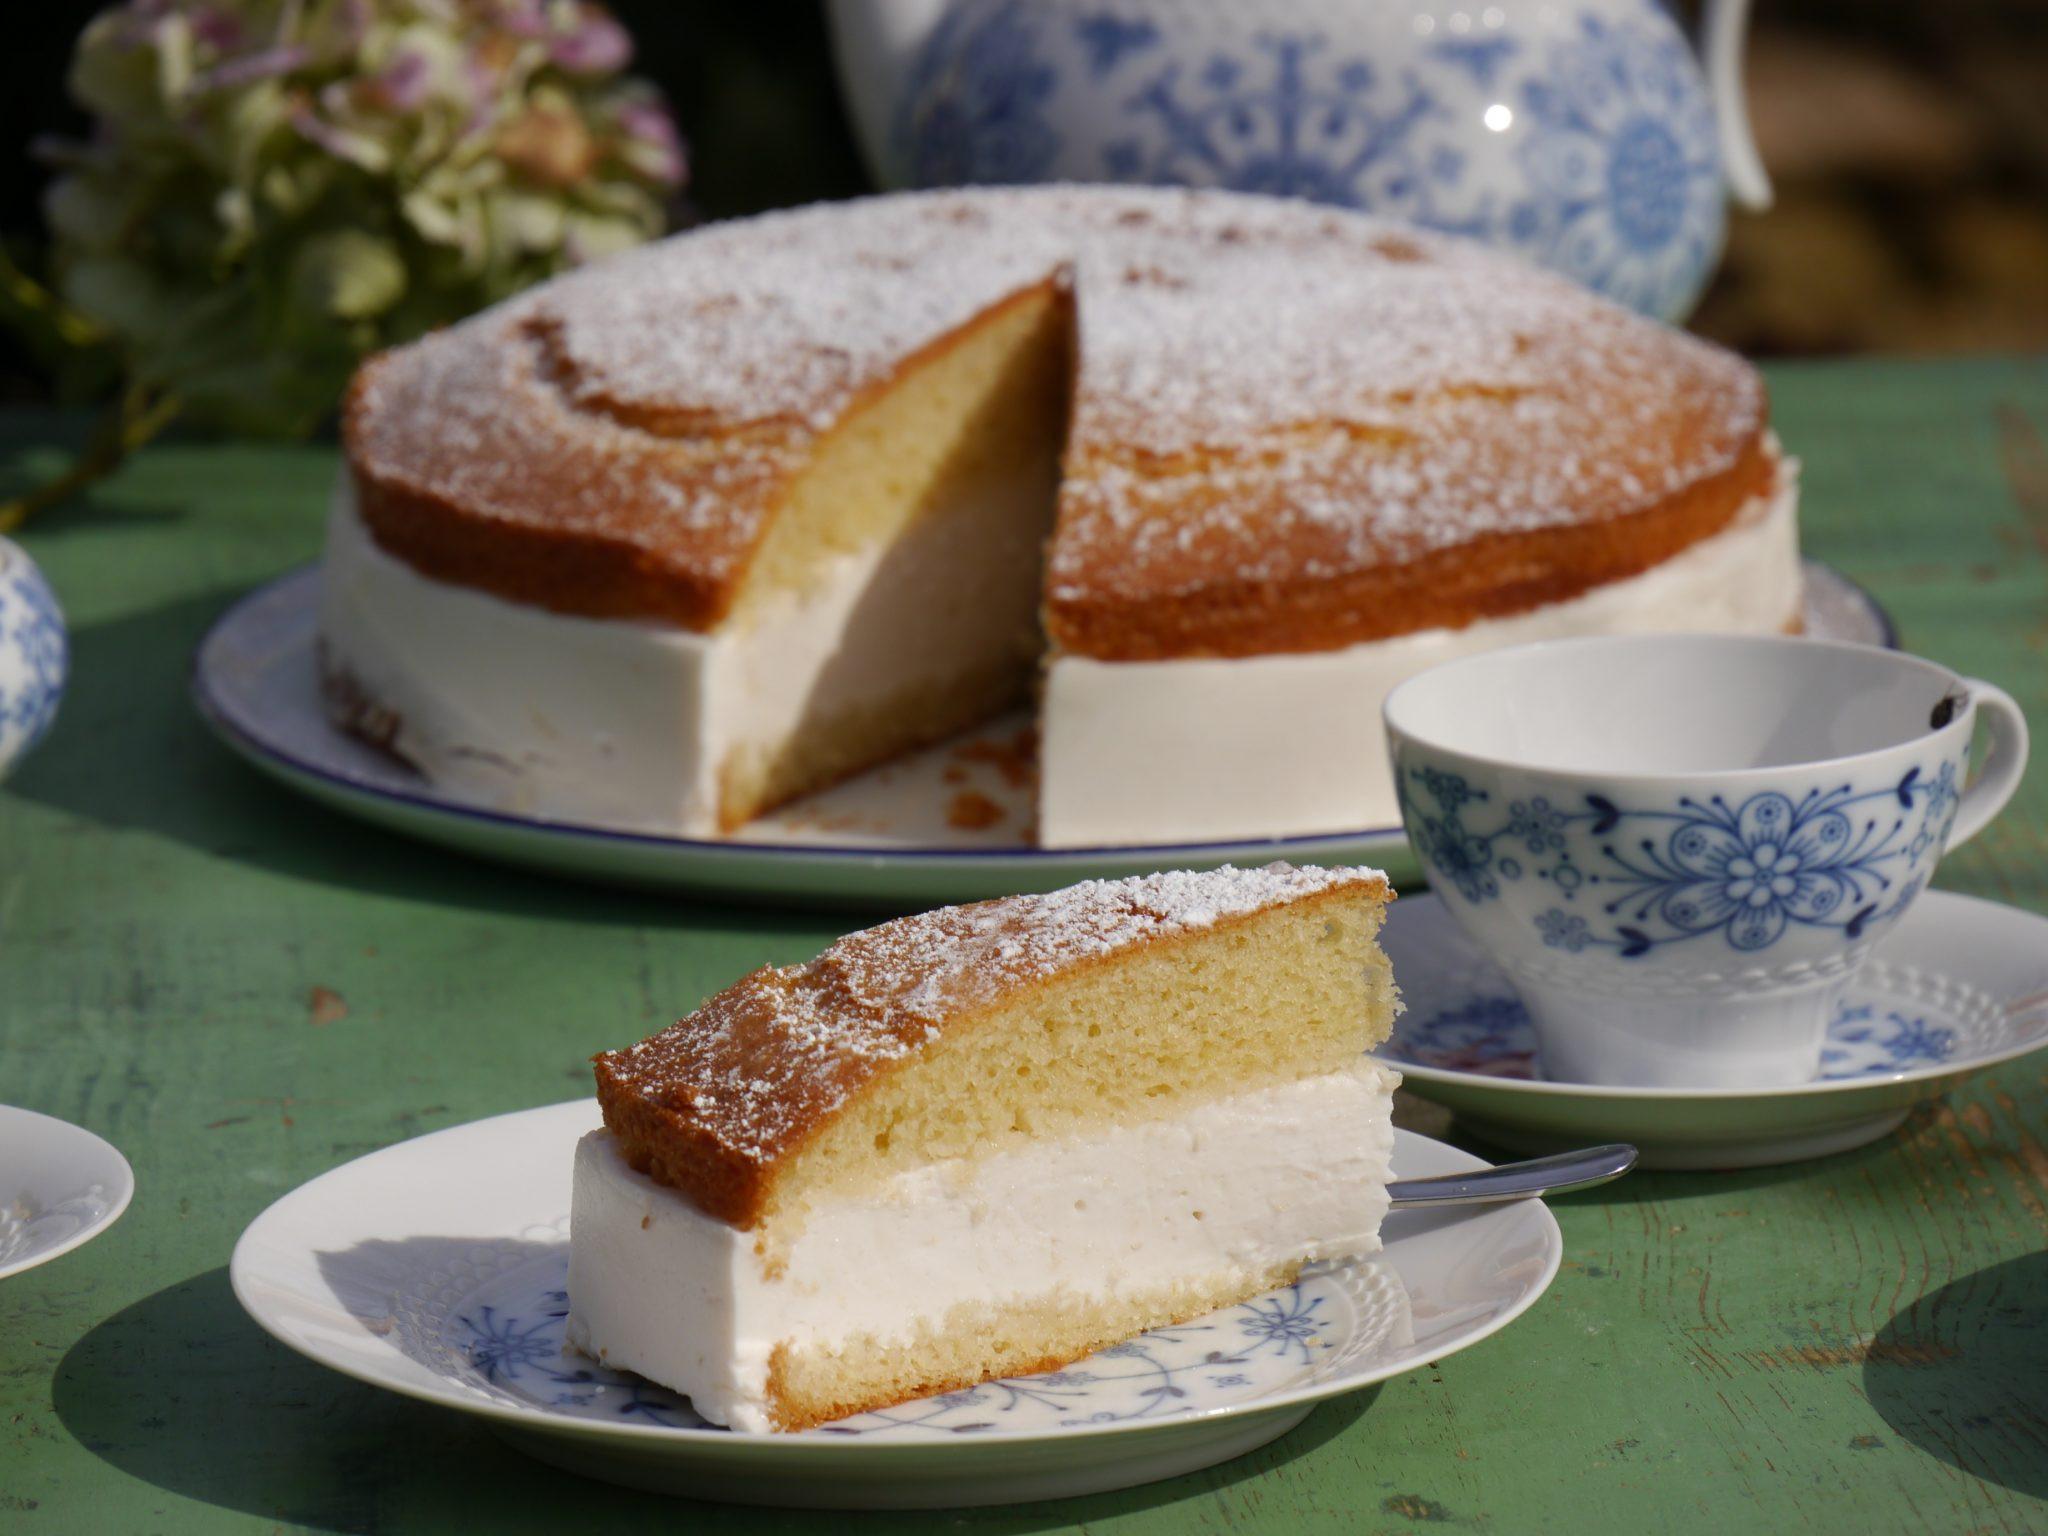 Veganer Geburtstagskuchen  Veganer Zitronenkuchen mit Vanille Creme